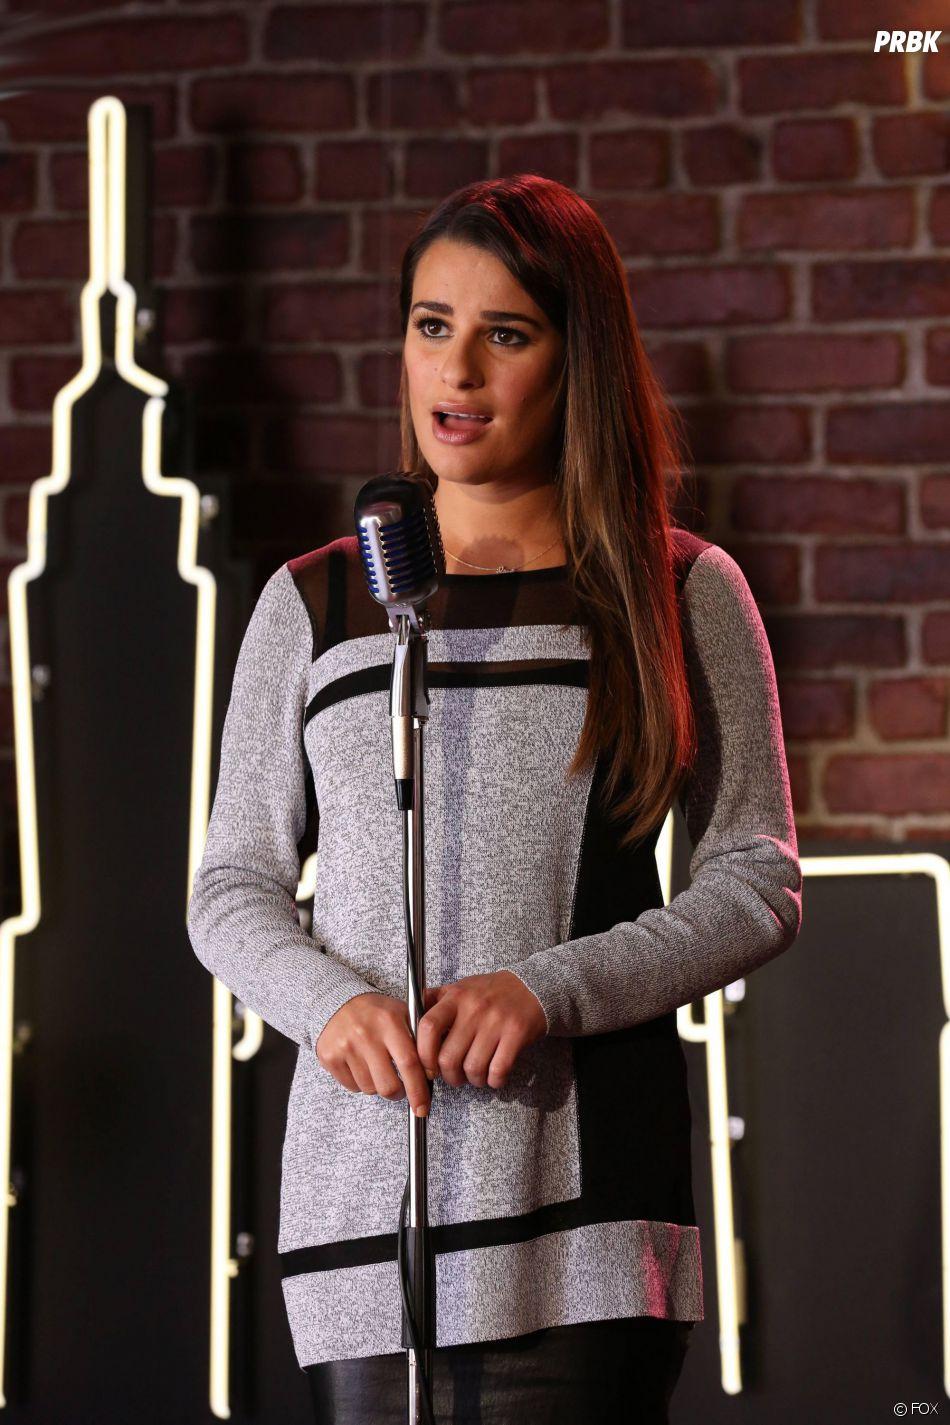 Glee saison 6 : les Arts au lycée de nouveau mis en avant